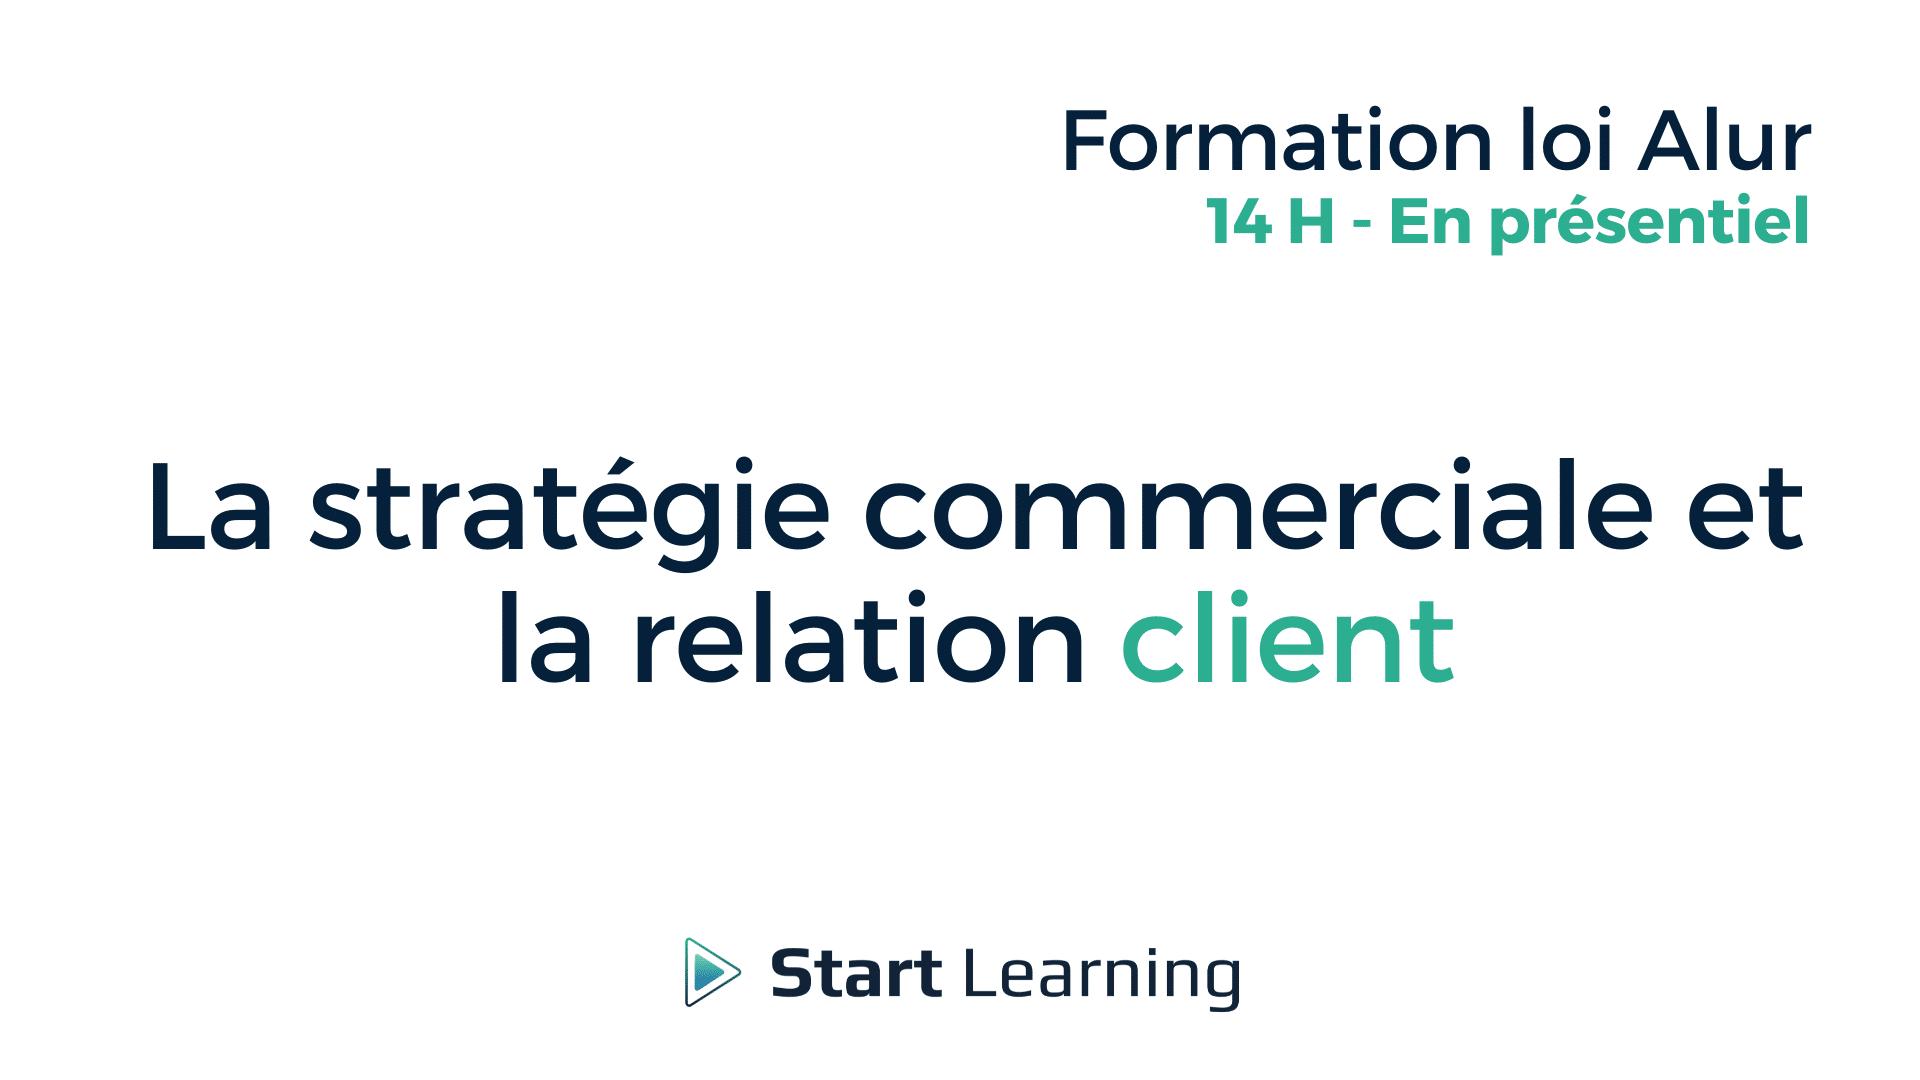 Formation loi Alur - La stratégie commerciale et la relation client